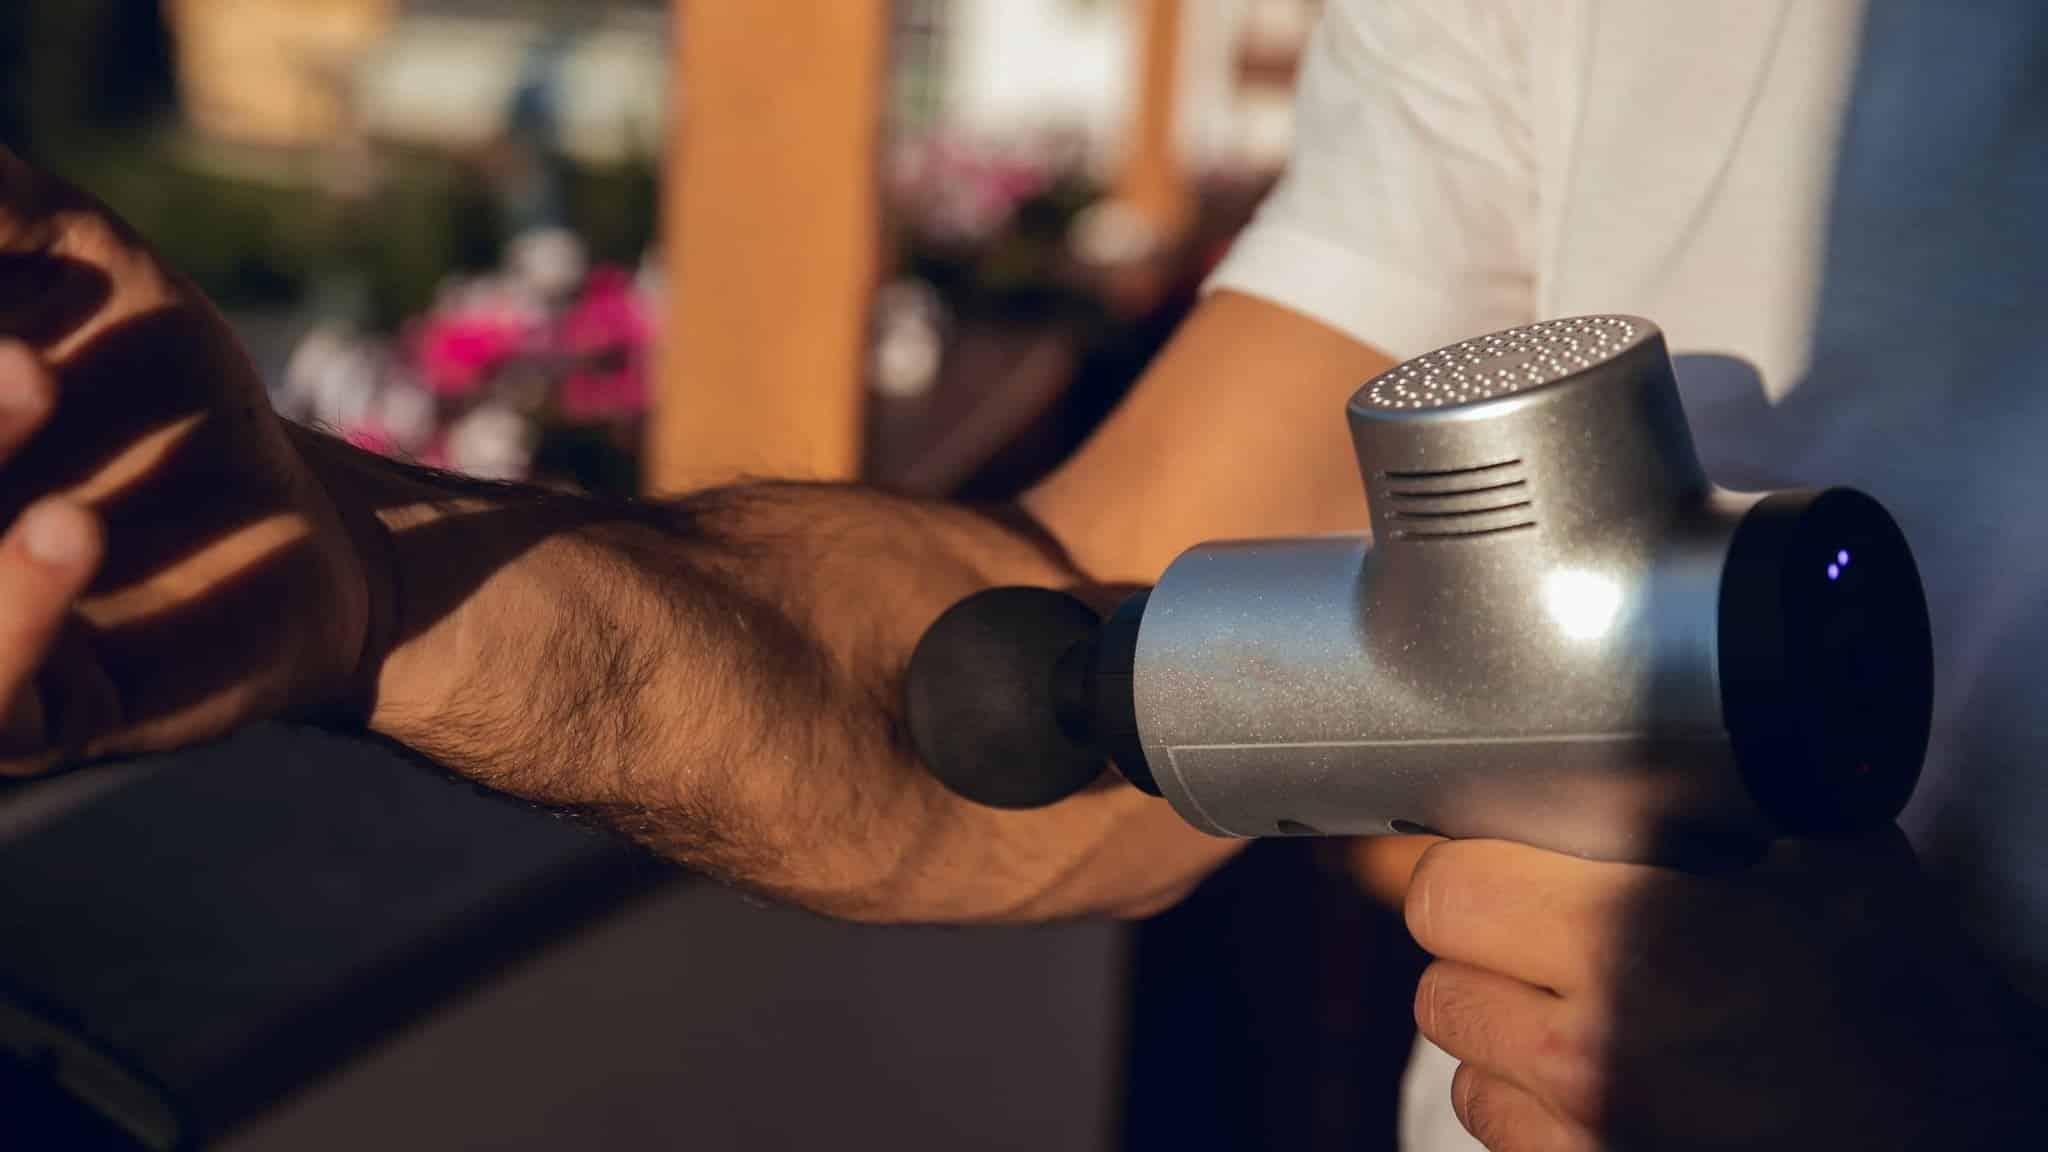 Pistolet de massage utilisé par un homme sur l'avant bras